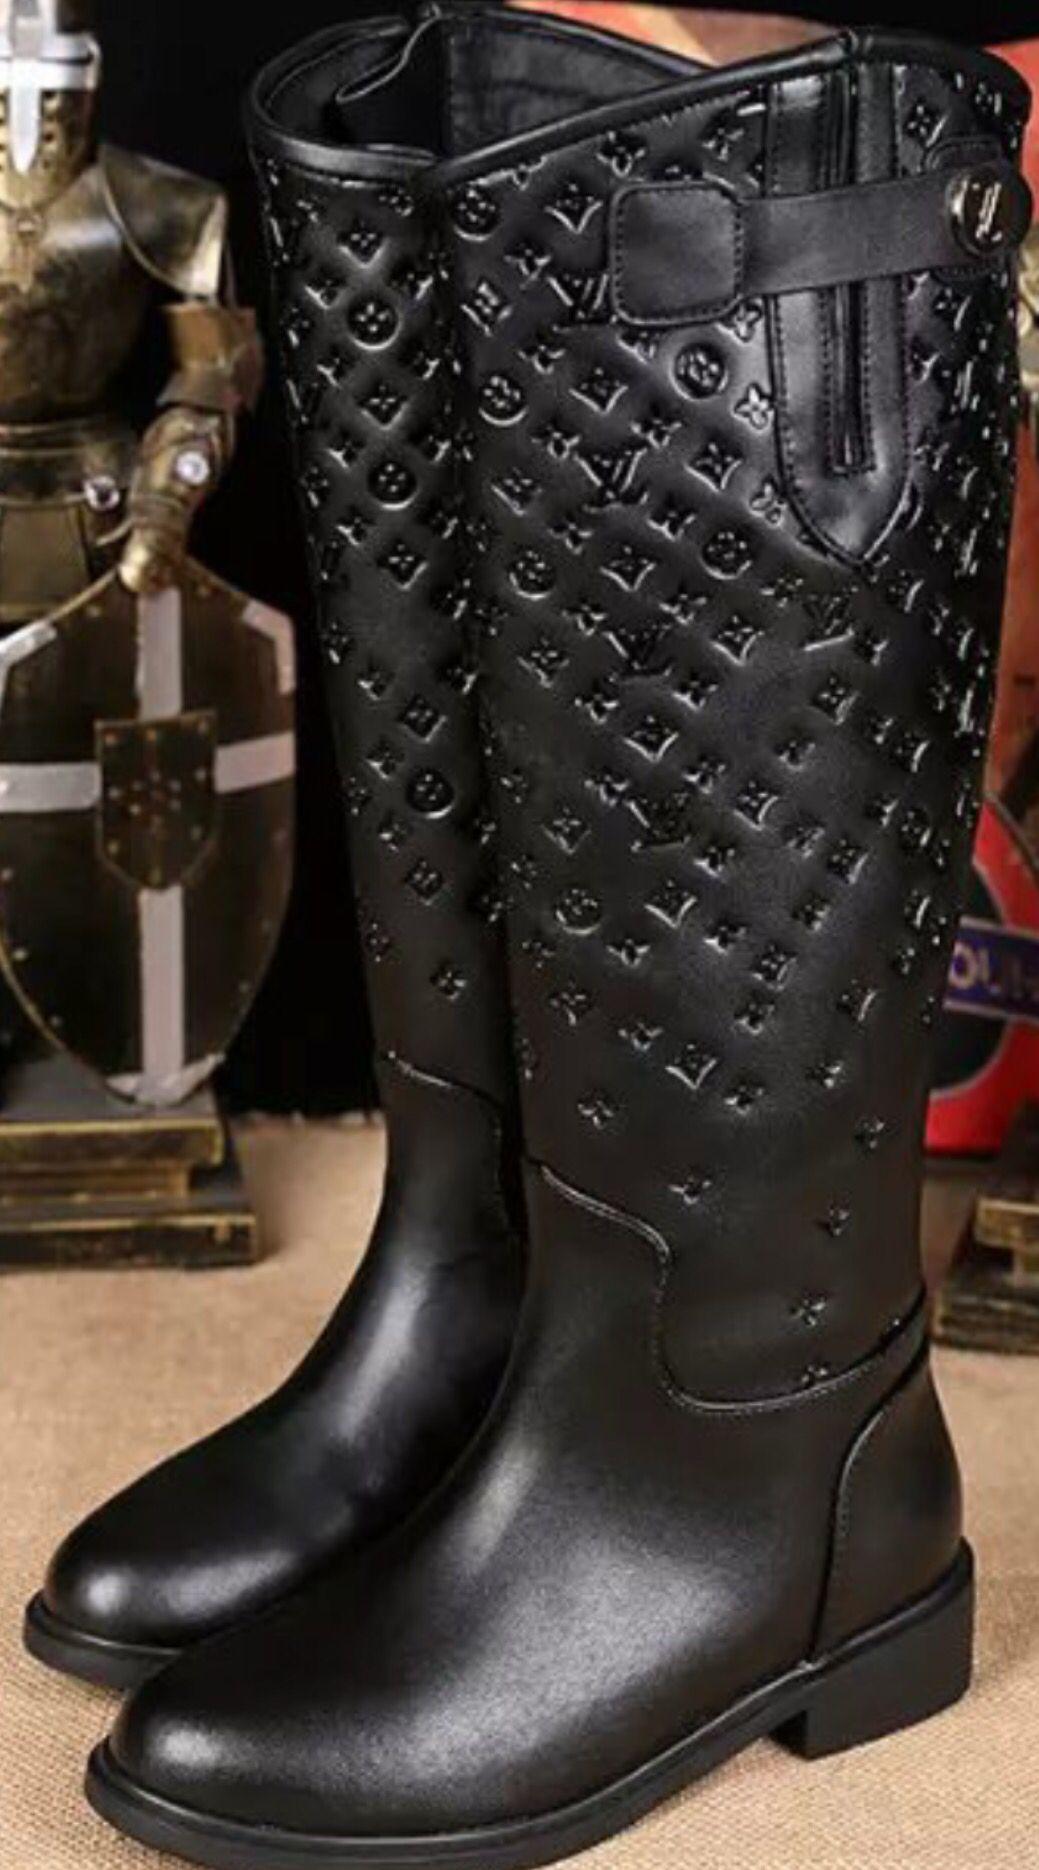 Louis-Vuitton Design  Luxurydotcom via LV   Louis Vuitton ... e30ba921251